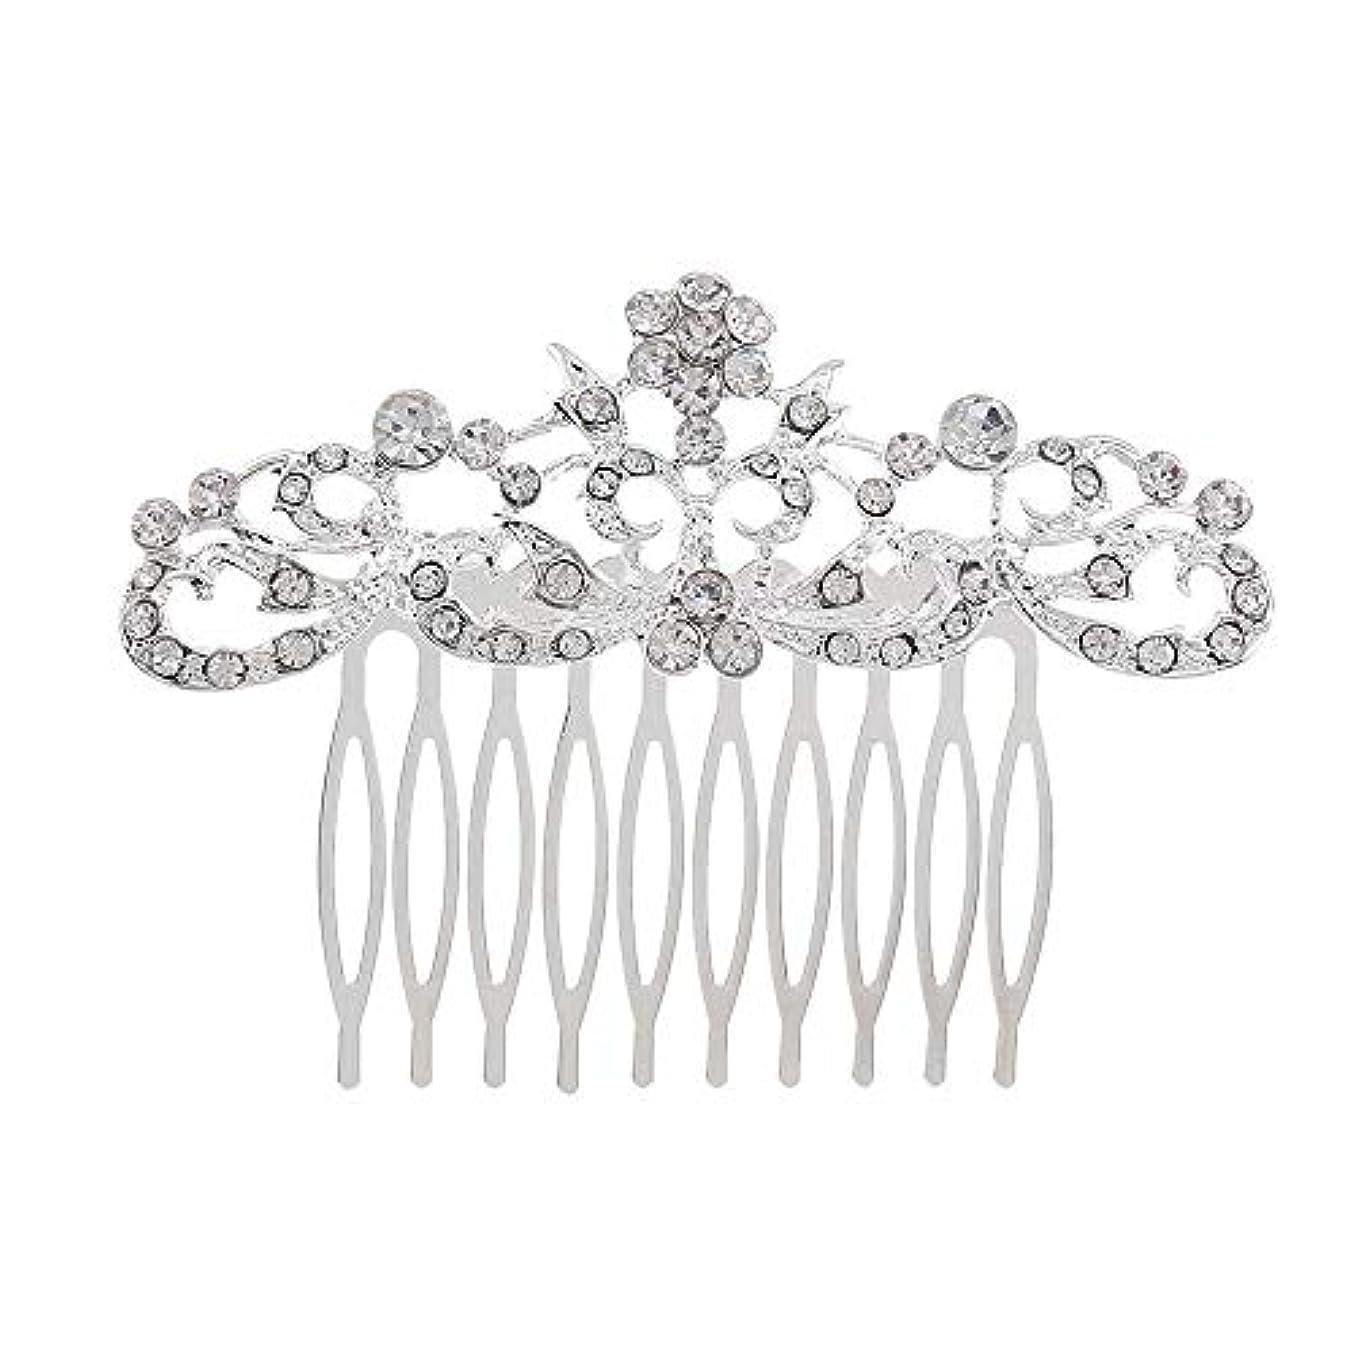 関係ない通常うめき髪の櫛の櫛の櫛の花嫁の髪の櫛のファッションラインストーンの櫛の櫛の花嫁の頭飾りの結婚式のアクセサリー